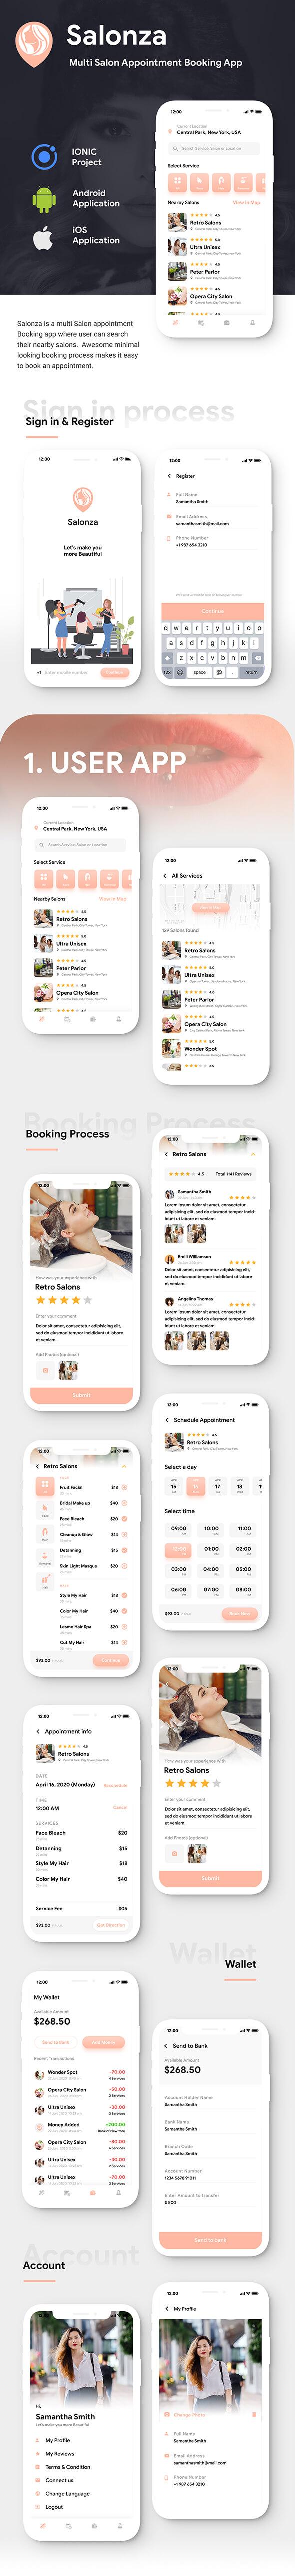 Multi Salon Android App Template+ Multi Salon iOS App Template|2 Apps User+Salon| IONIC 5| Salonza - 3